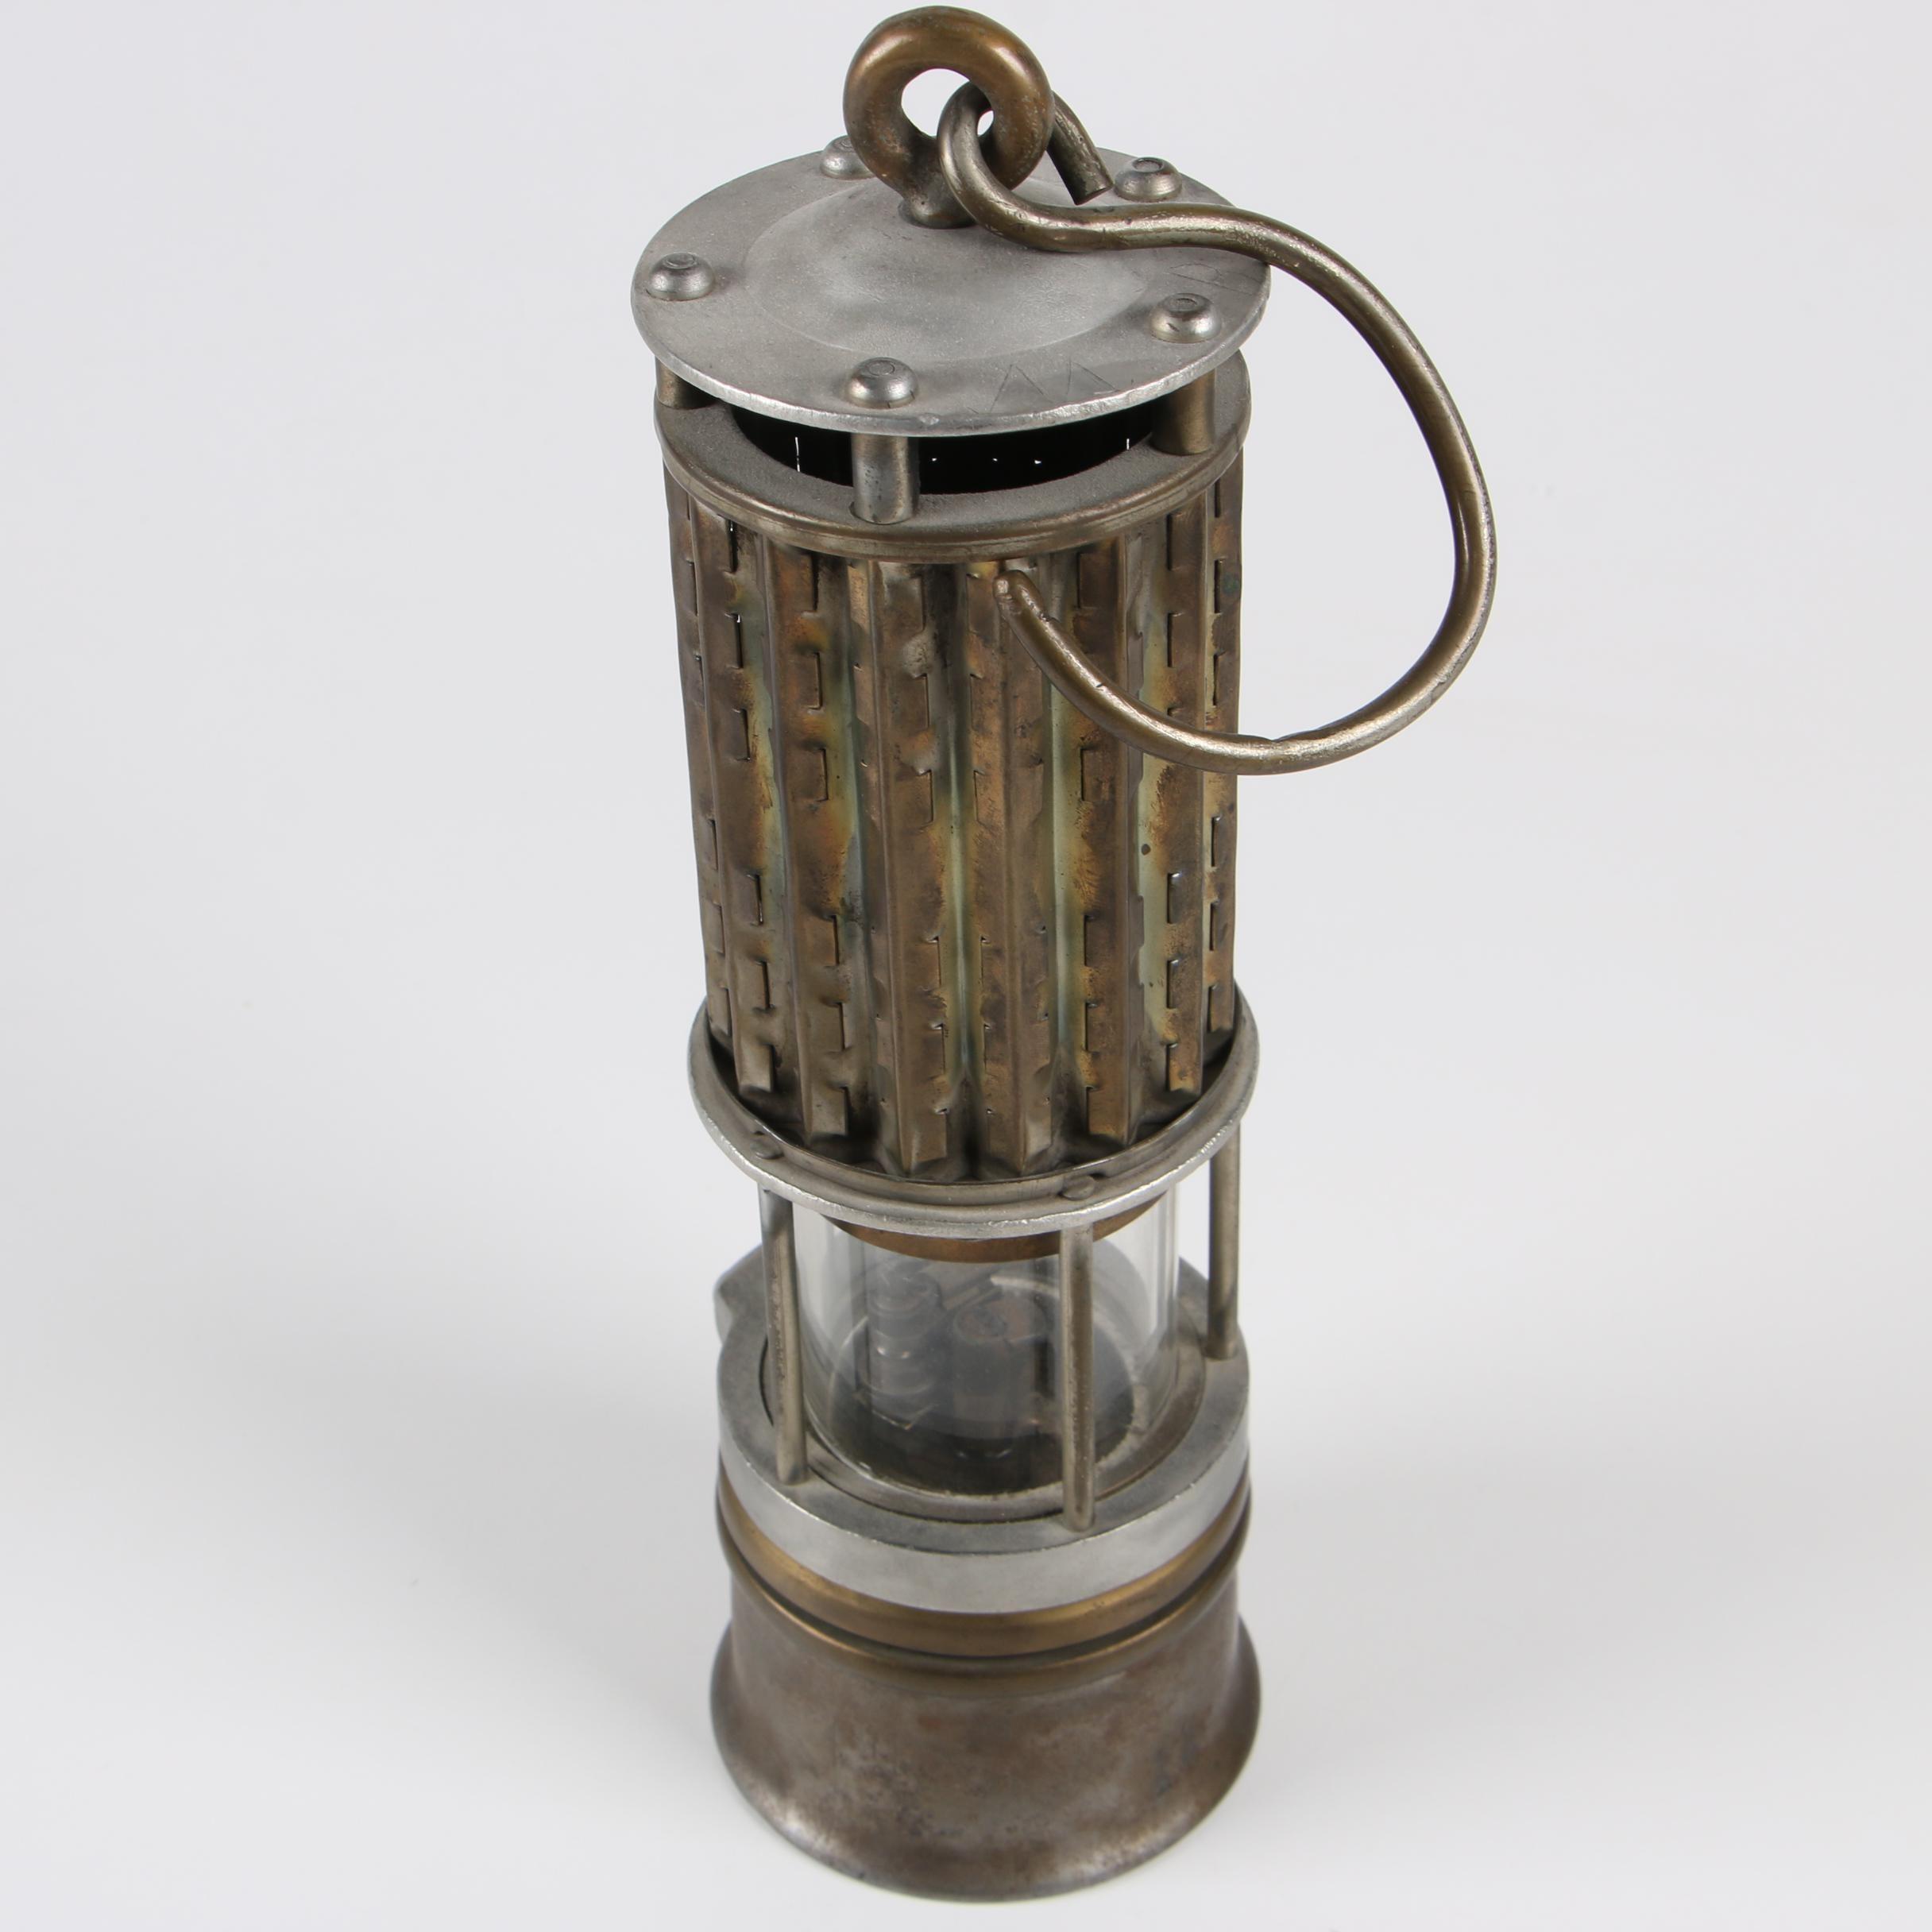 Miner's Safety Lantern